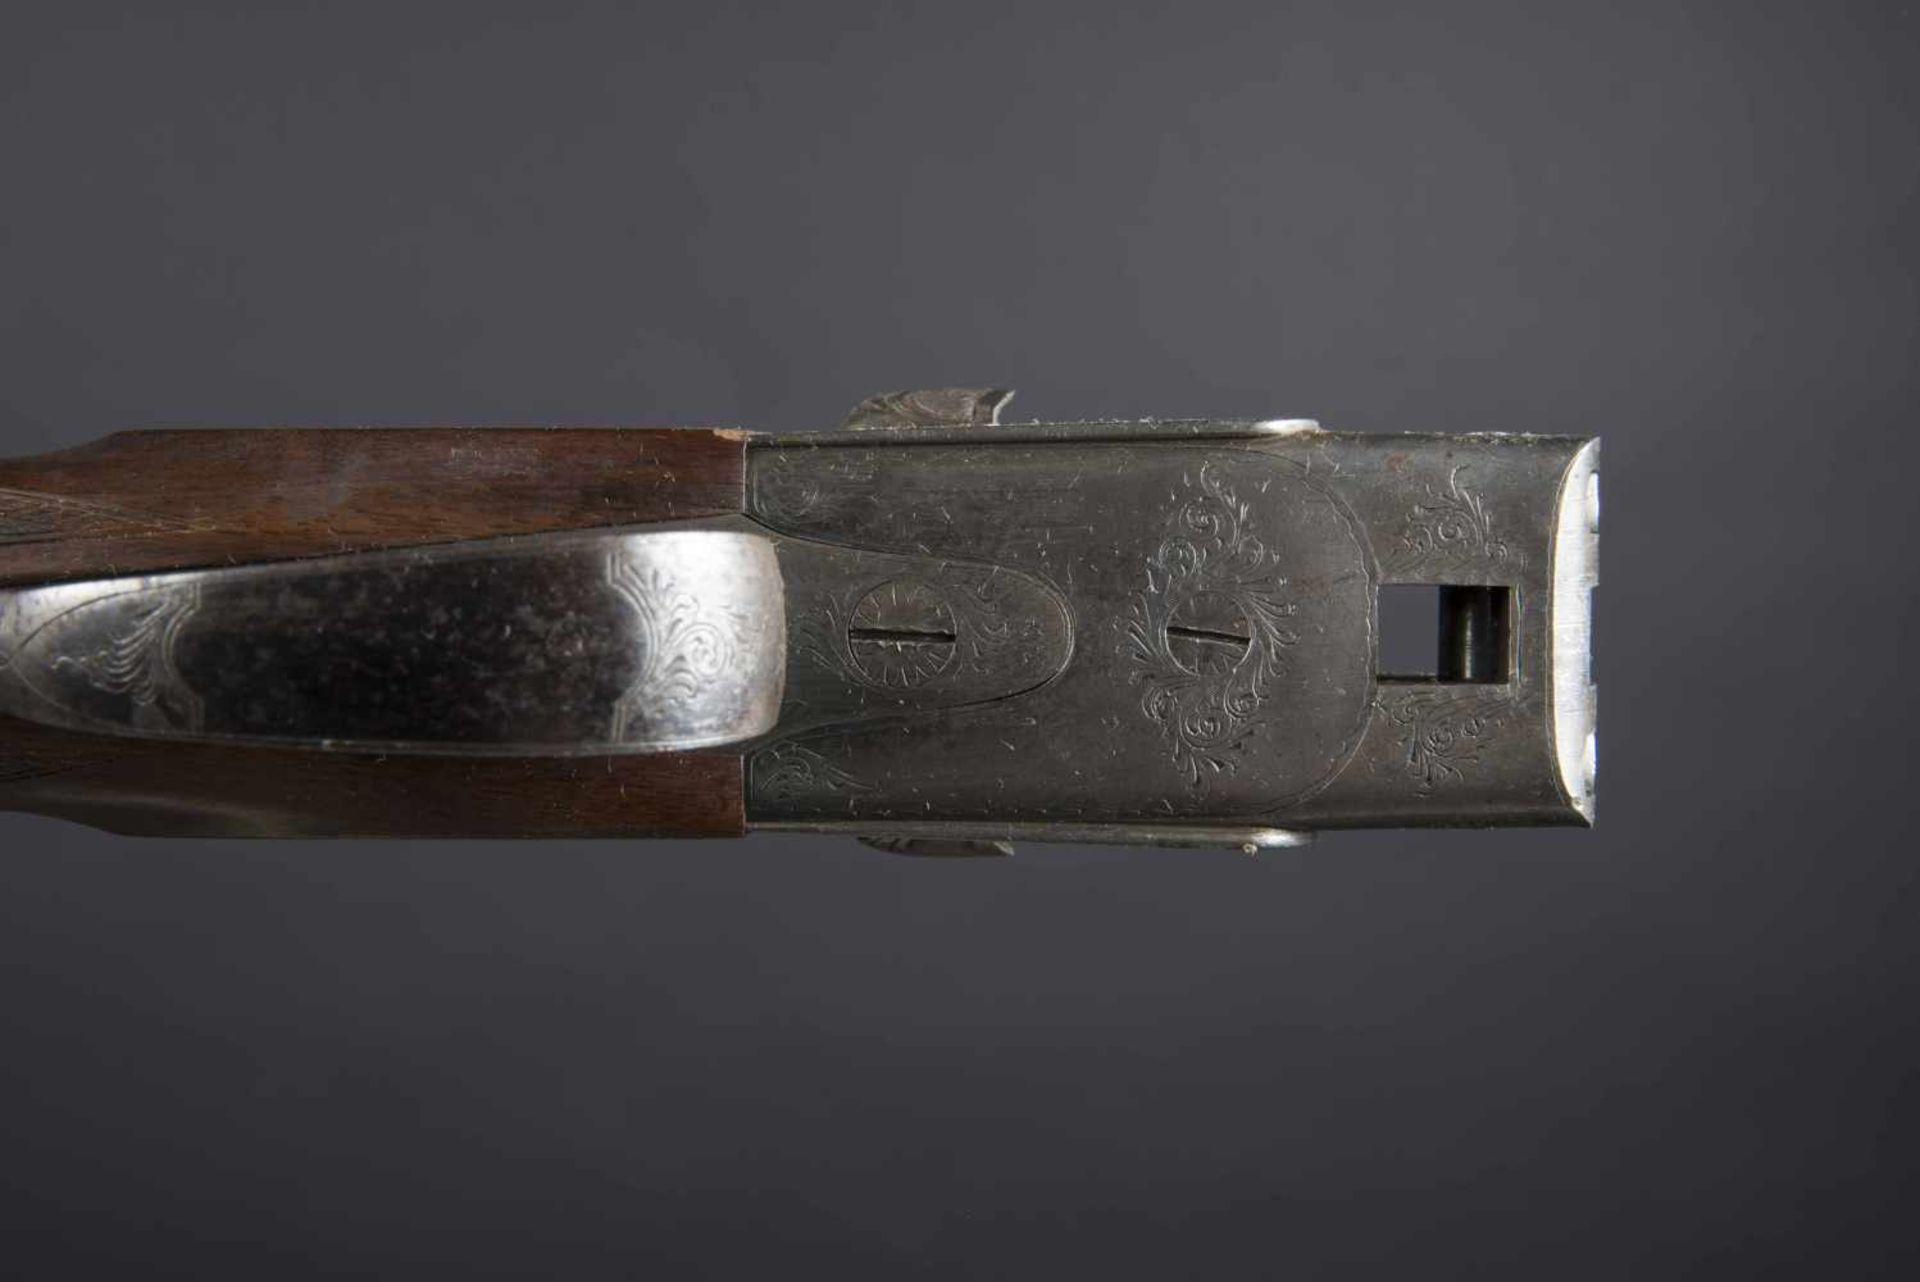 Fusil de chasse juxtaposé Robust Catégorie C Calibre 16/70, numéro 745236. En carton, jamais - Bild 3 aus 4